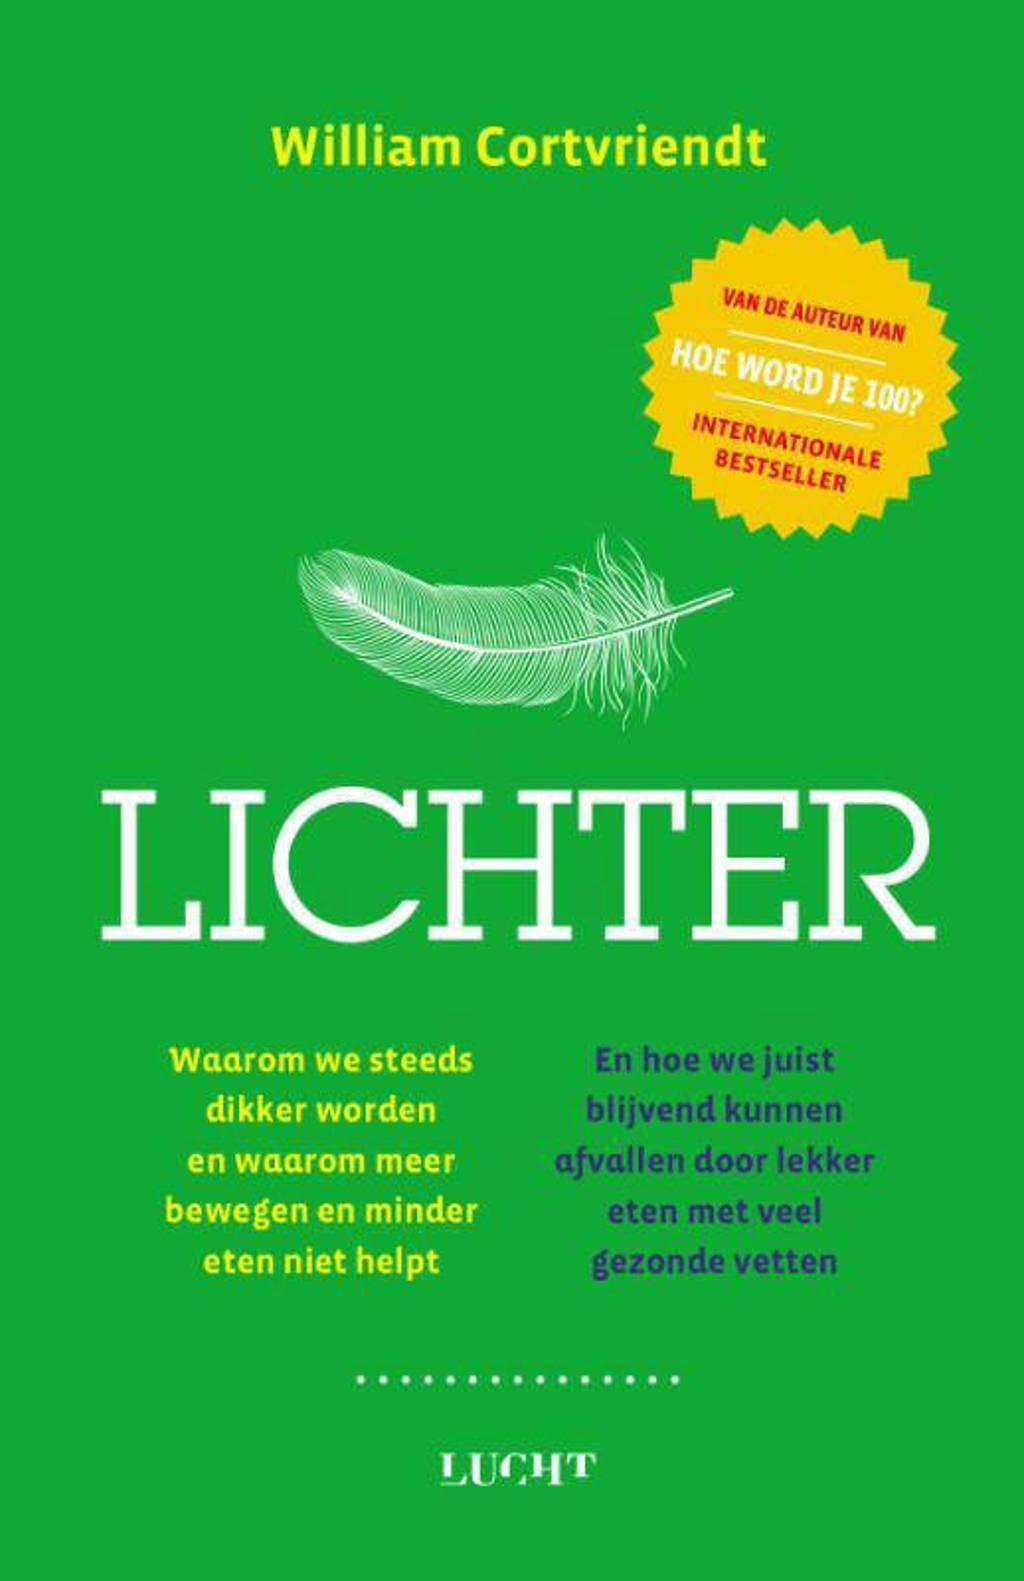 Lichter - William Cortvriendt